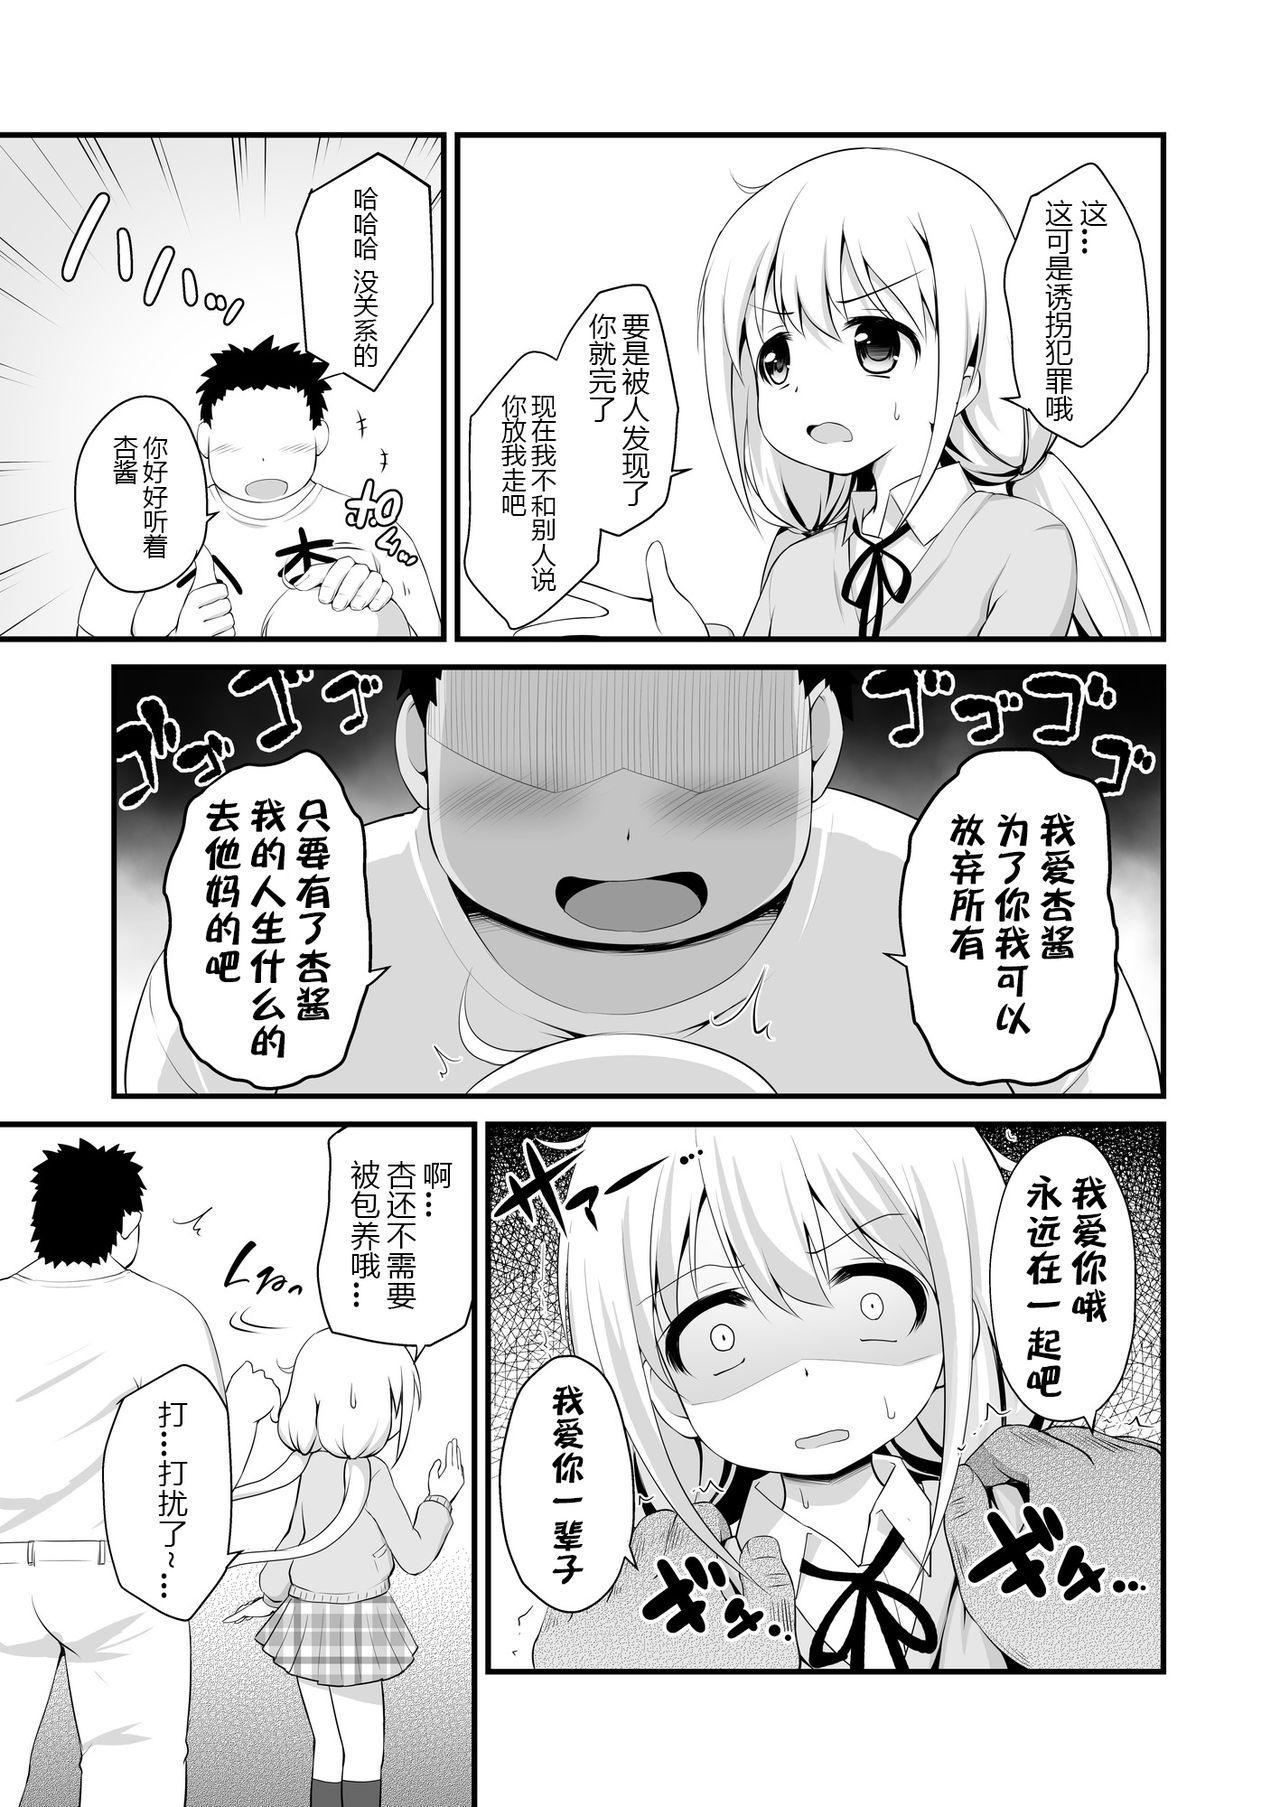 Anzu-chan Omochikaeri 5